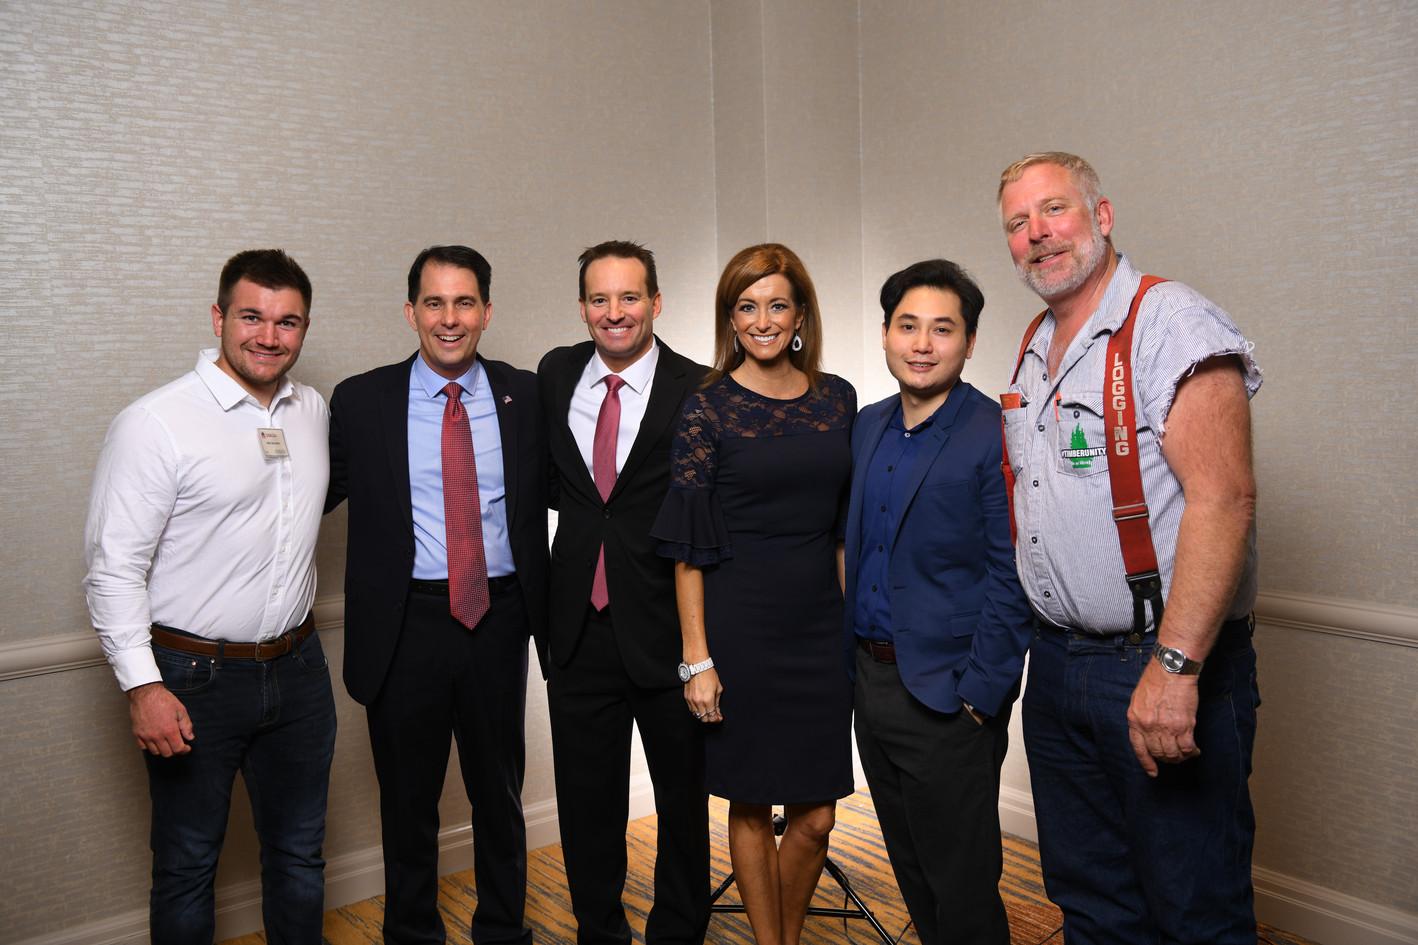 Alec, Scott, Dan, Peggy, Andy, Mike